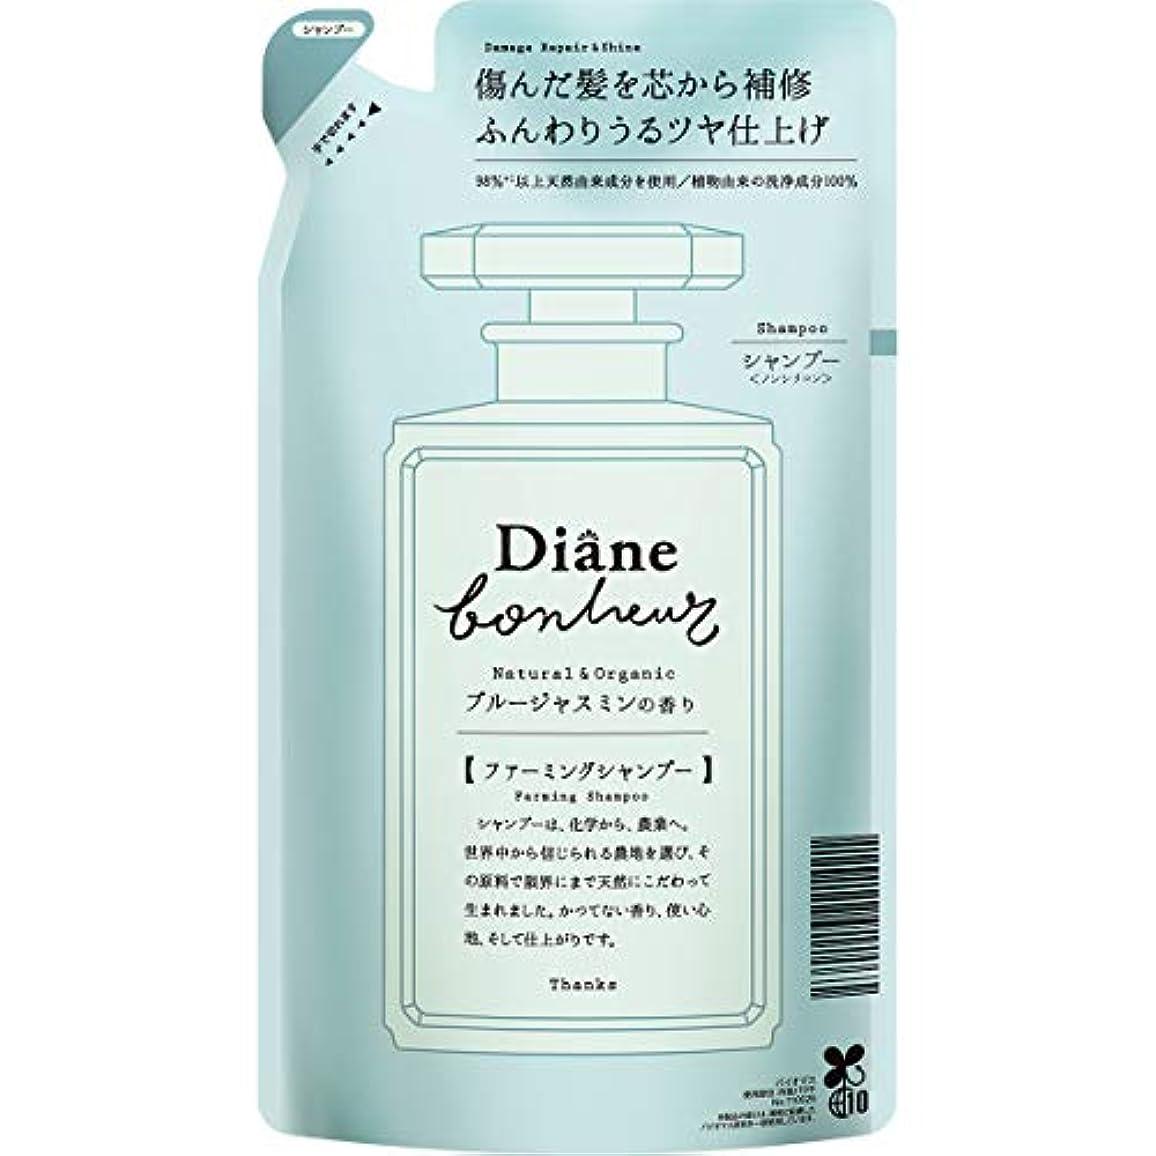 スラム街強制悪化させるダイアン ボヌール シャンプー ブルージャスミンの香り ダメージリペア&シャイン 詰め替え 400ml